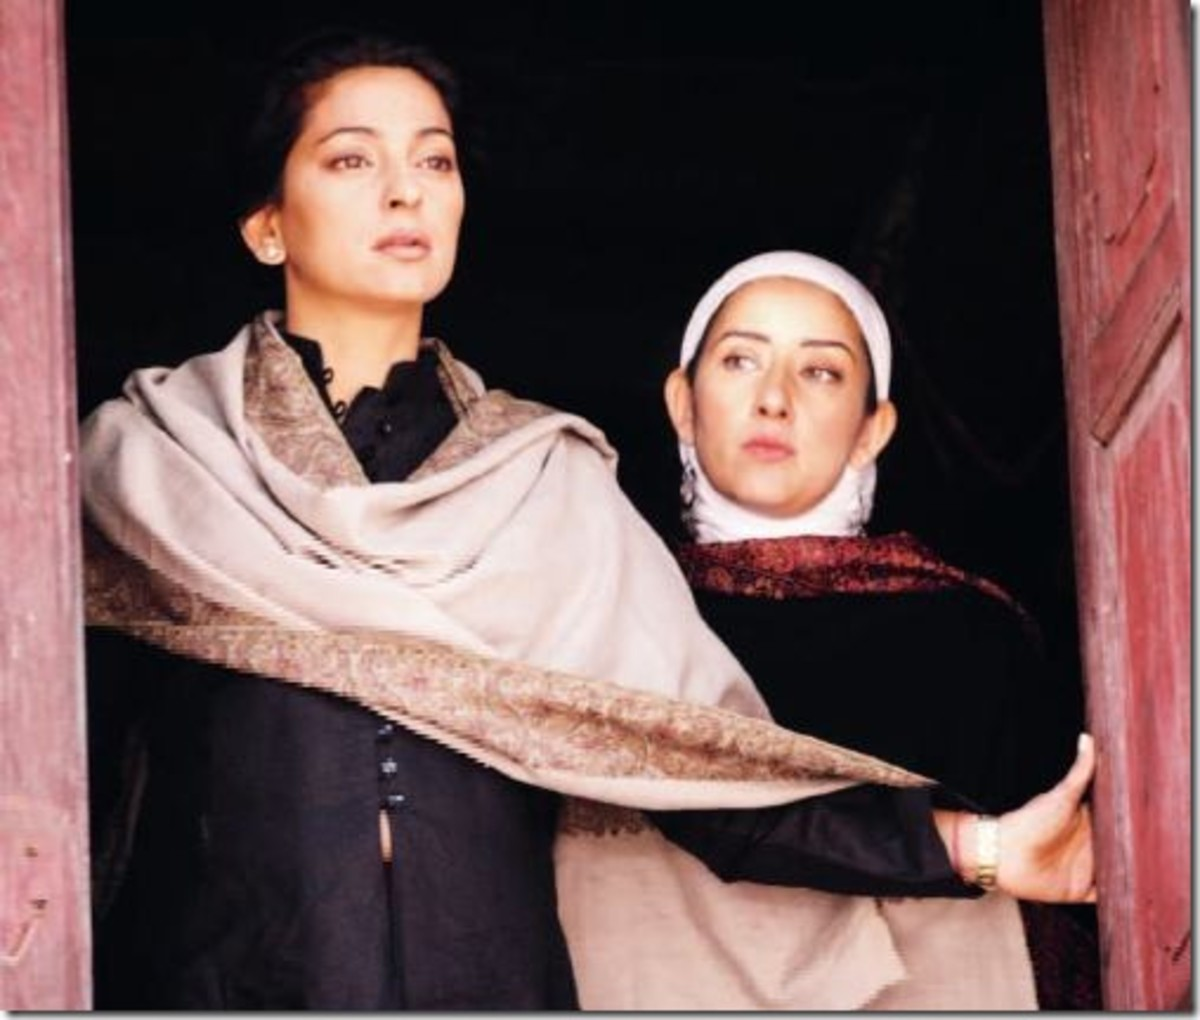 Juhi Chawla and Manisha Koirala in I am Megha